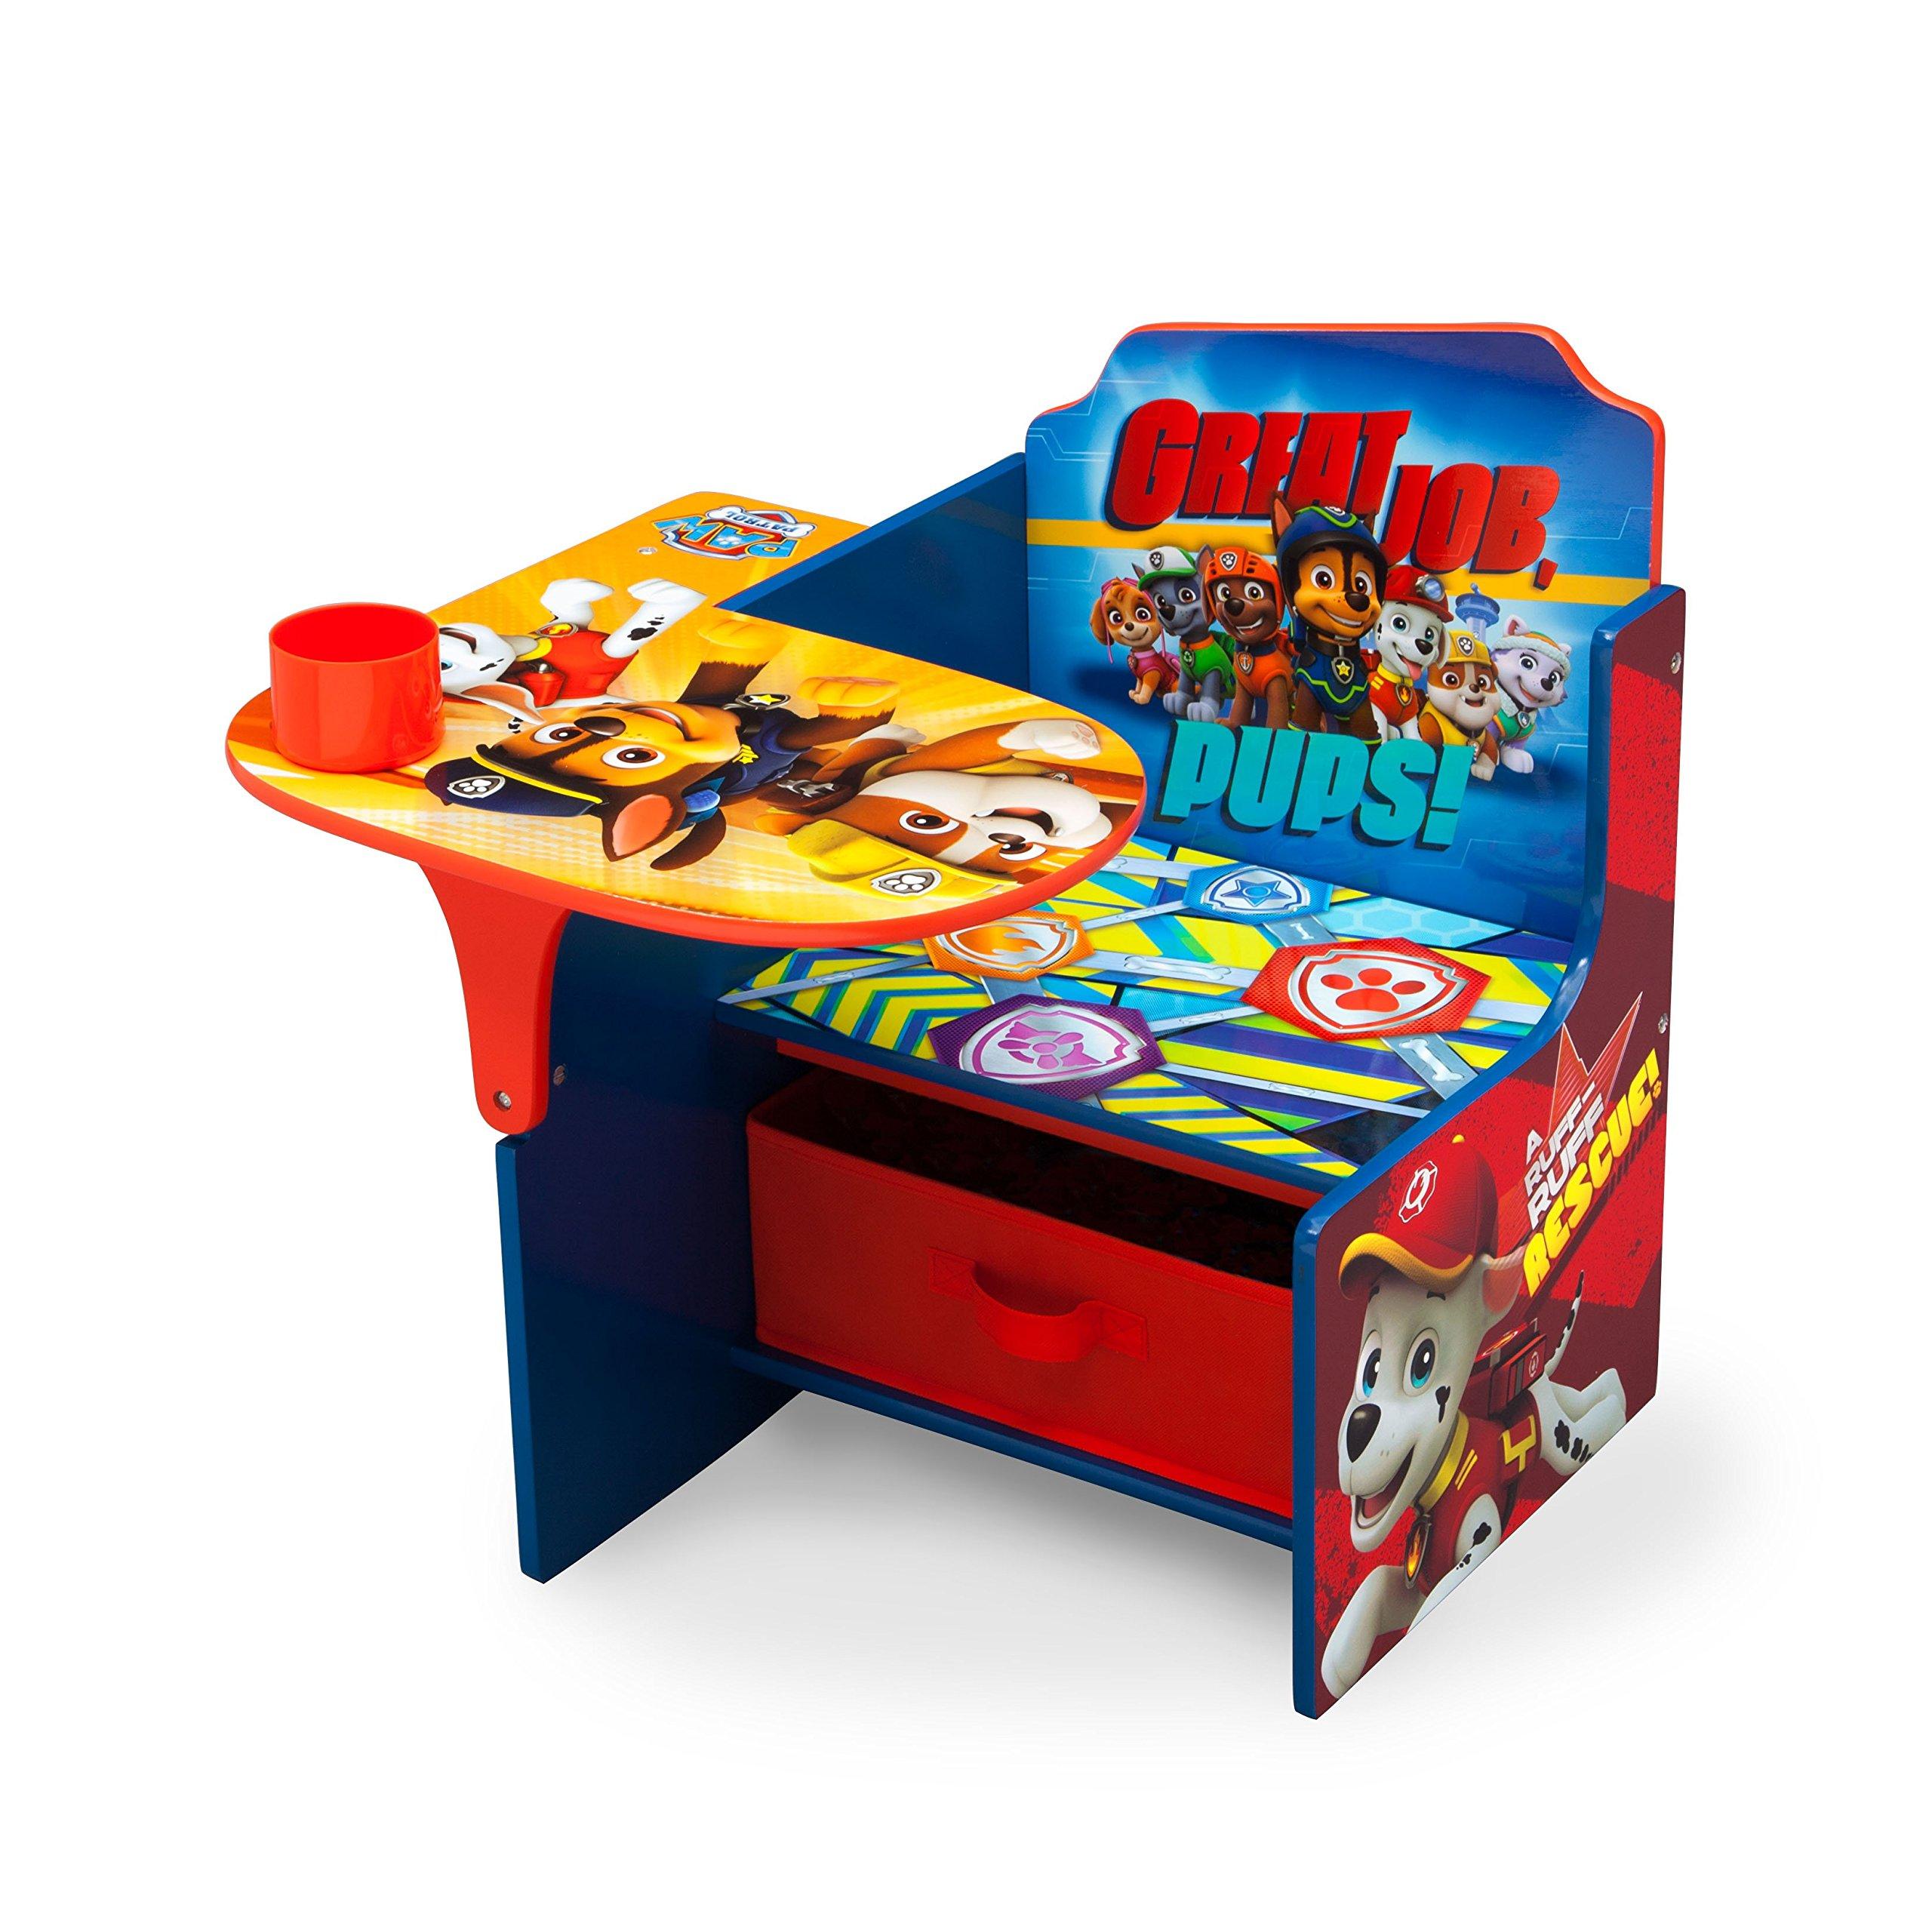 Delta Children Chair Desk with Storage Bin, Nick Jr. PAW Patrol by Delta Children